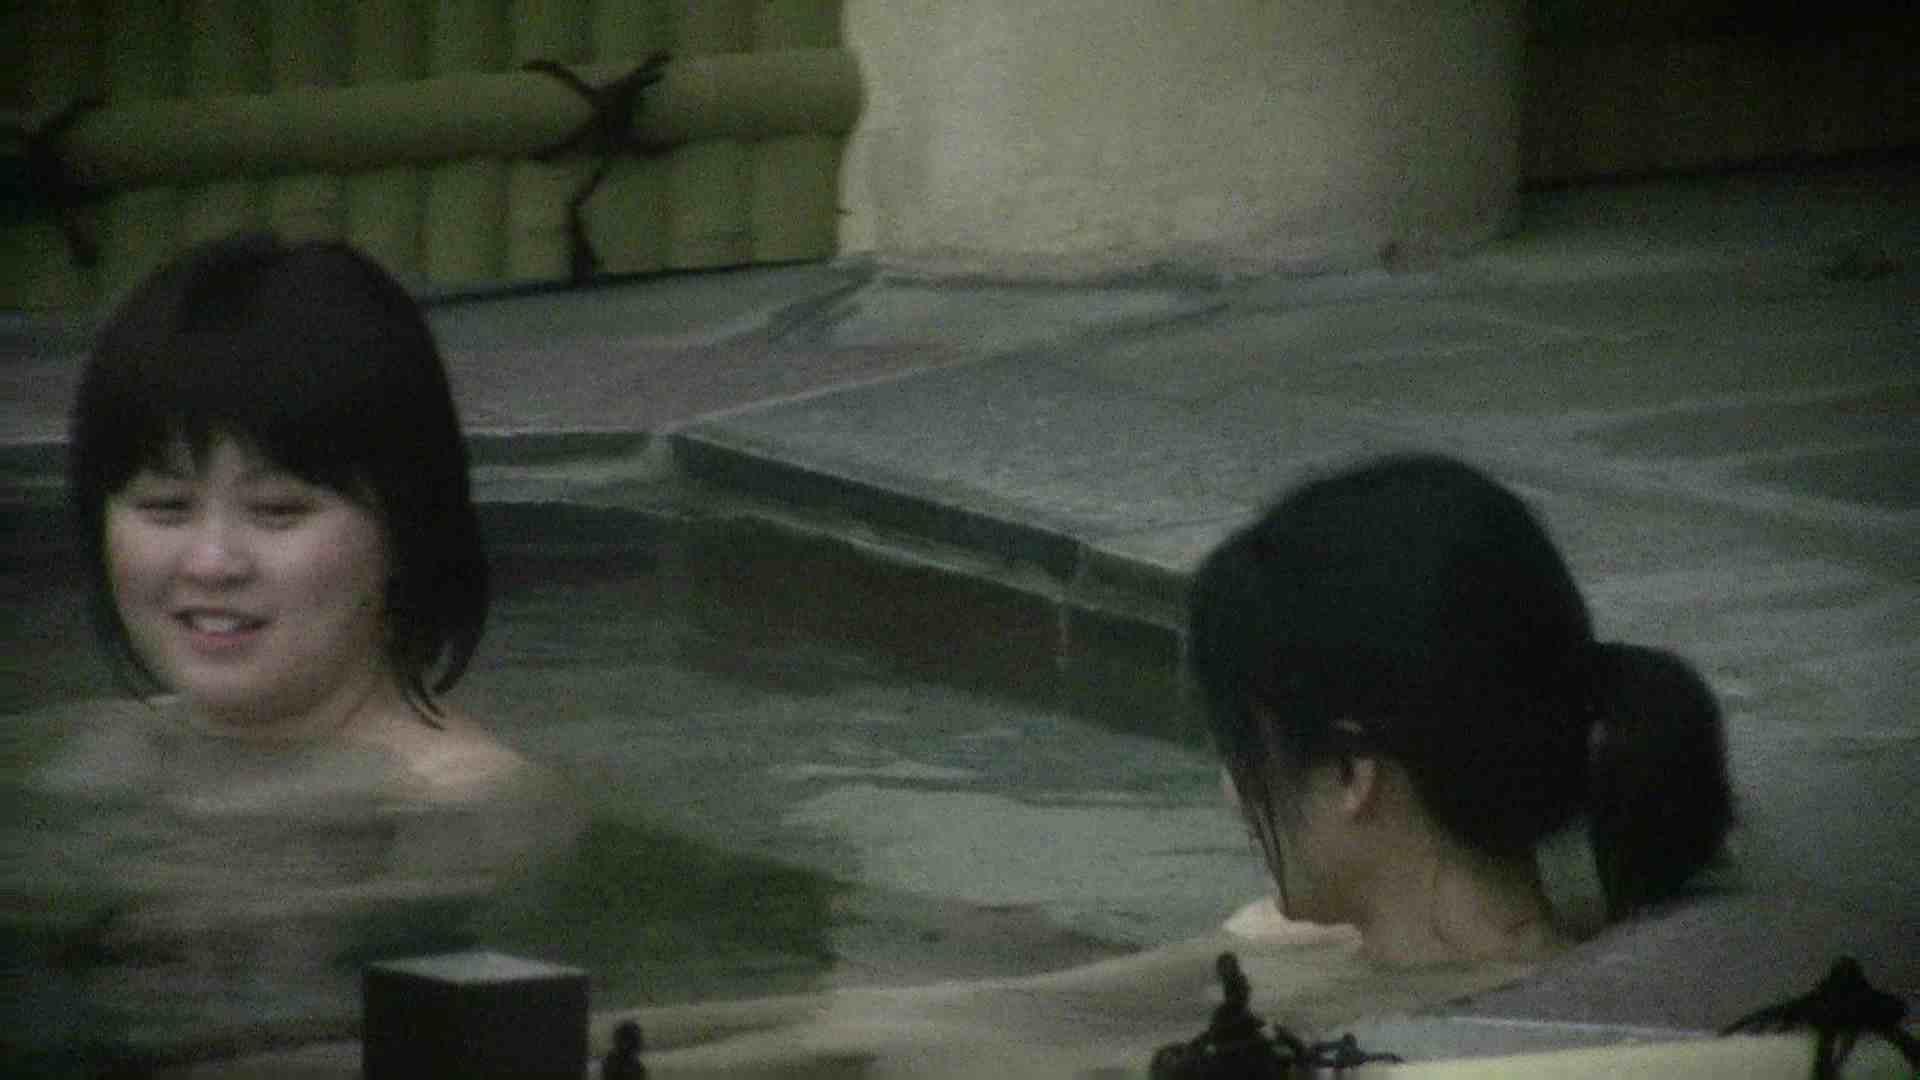 Aquaな露天風呂Vol.539 女体盗撮 隠し撮りおまんこ動画流出 88連発 44